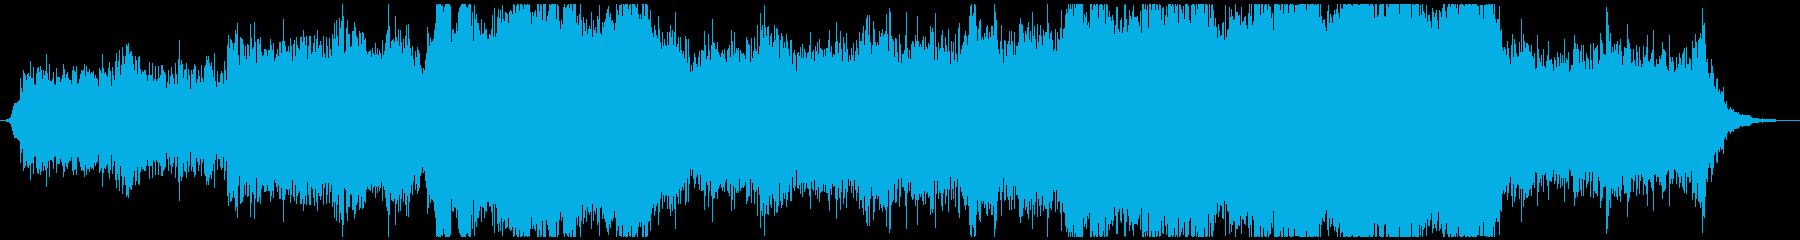 感動的な映画系エピックピアノオーケストラの再生済みの波形